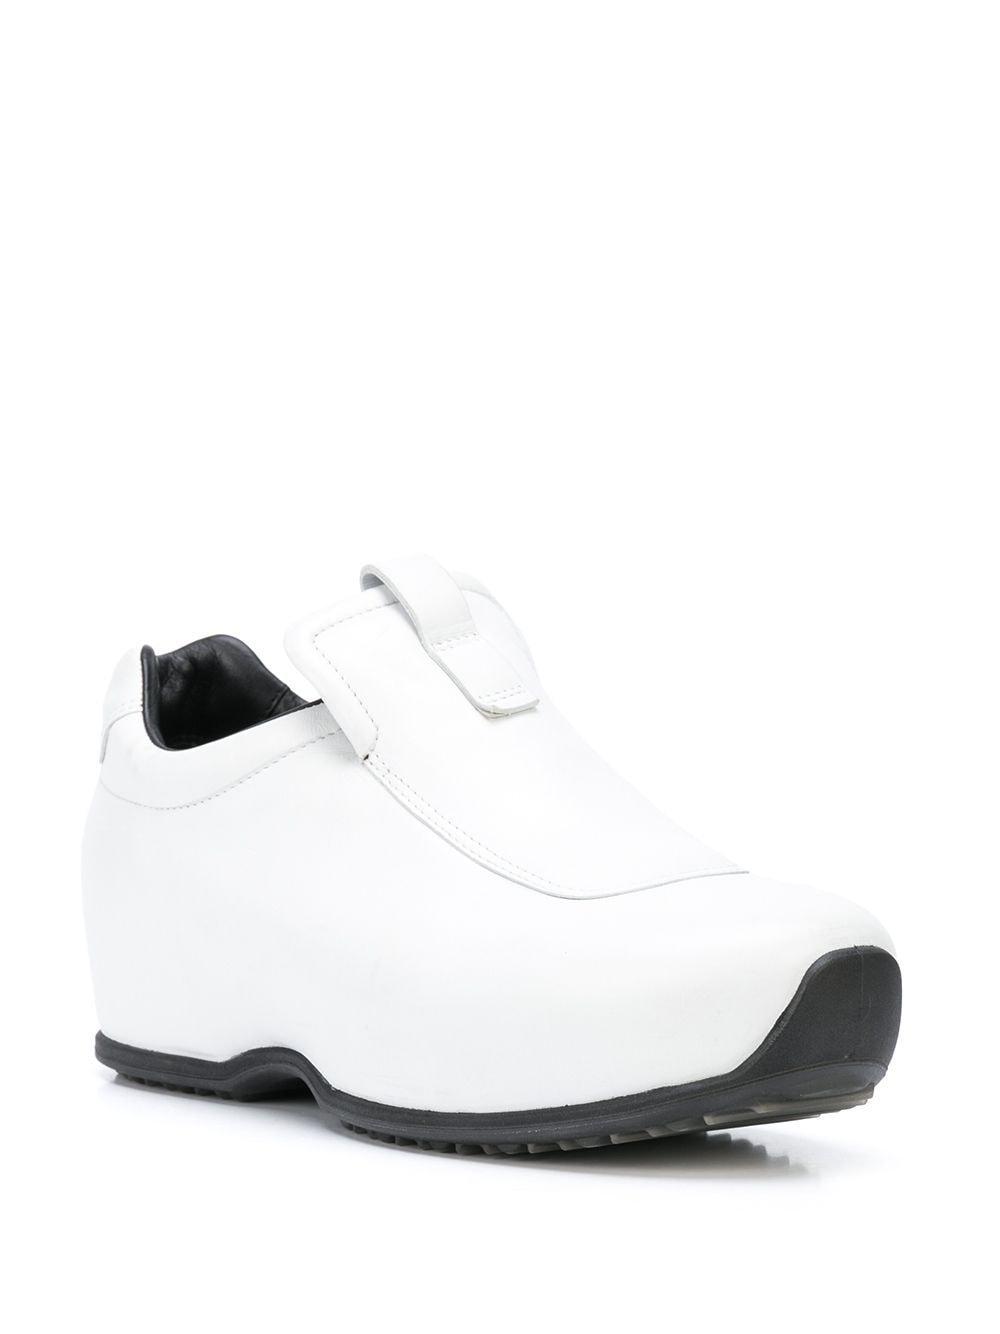 Zapatillas tipo zuecos sin cordones Rosetta Getty de color Blanco